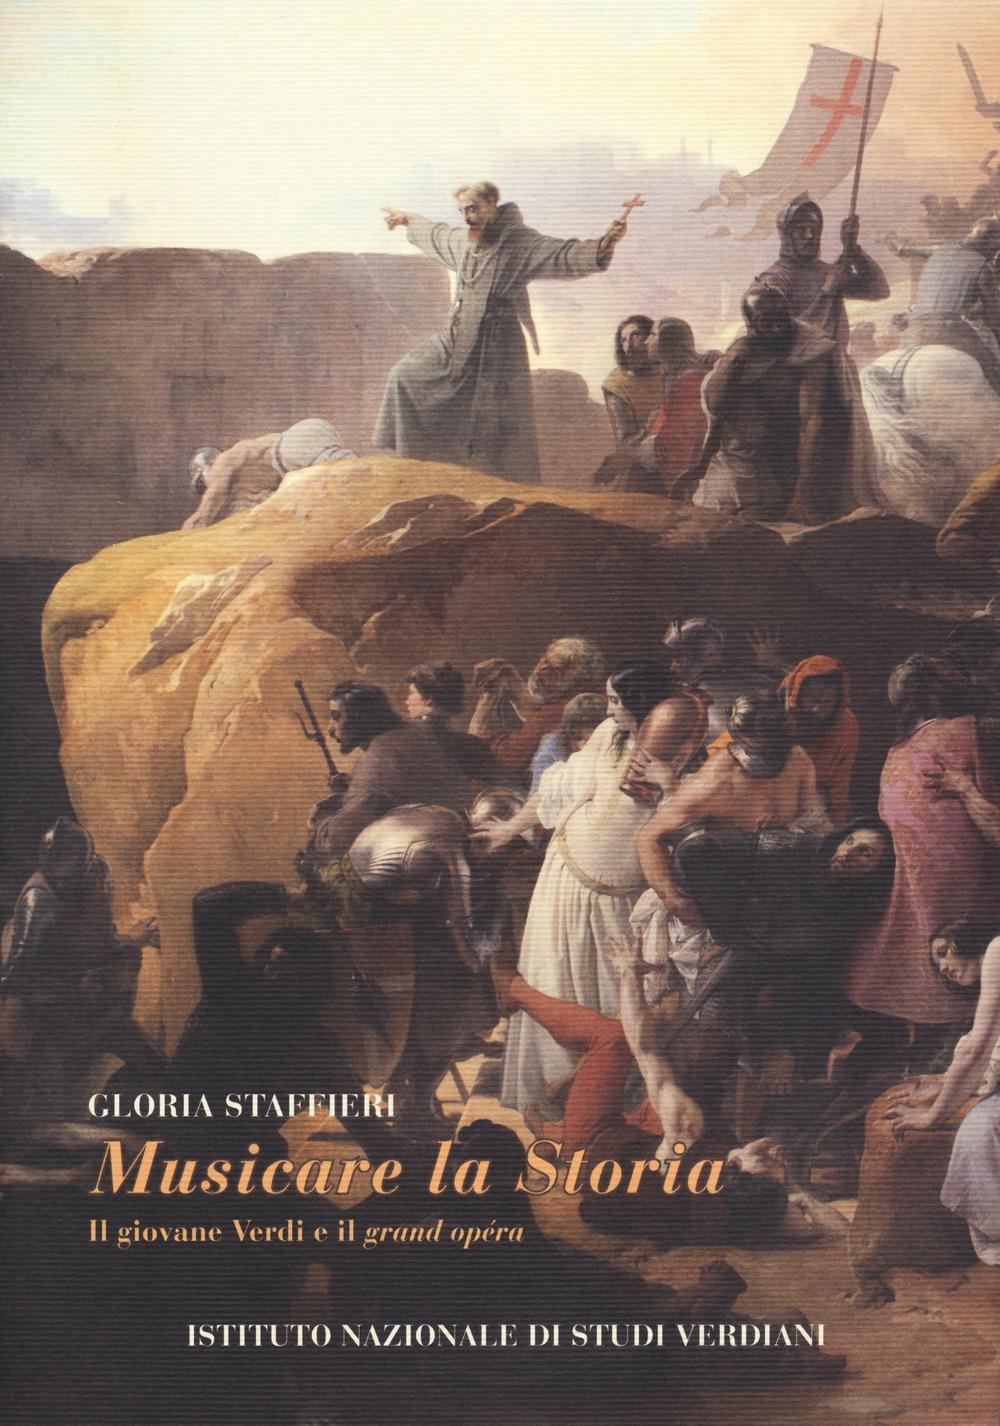 Musicare la Storia. Il giovane Verdi e il grand opéra